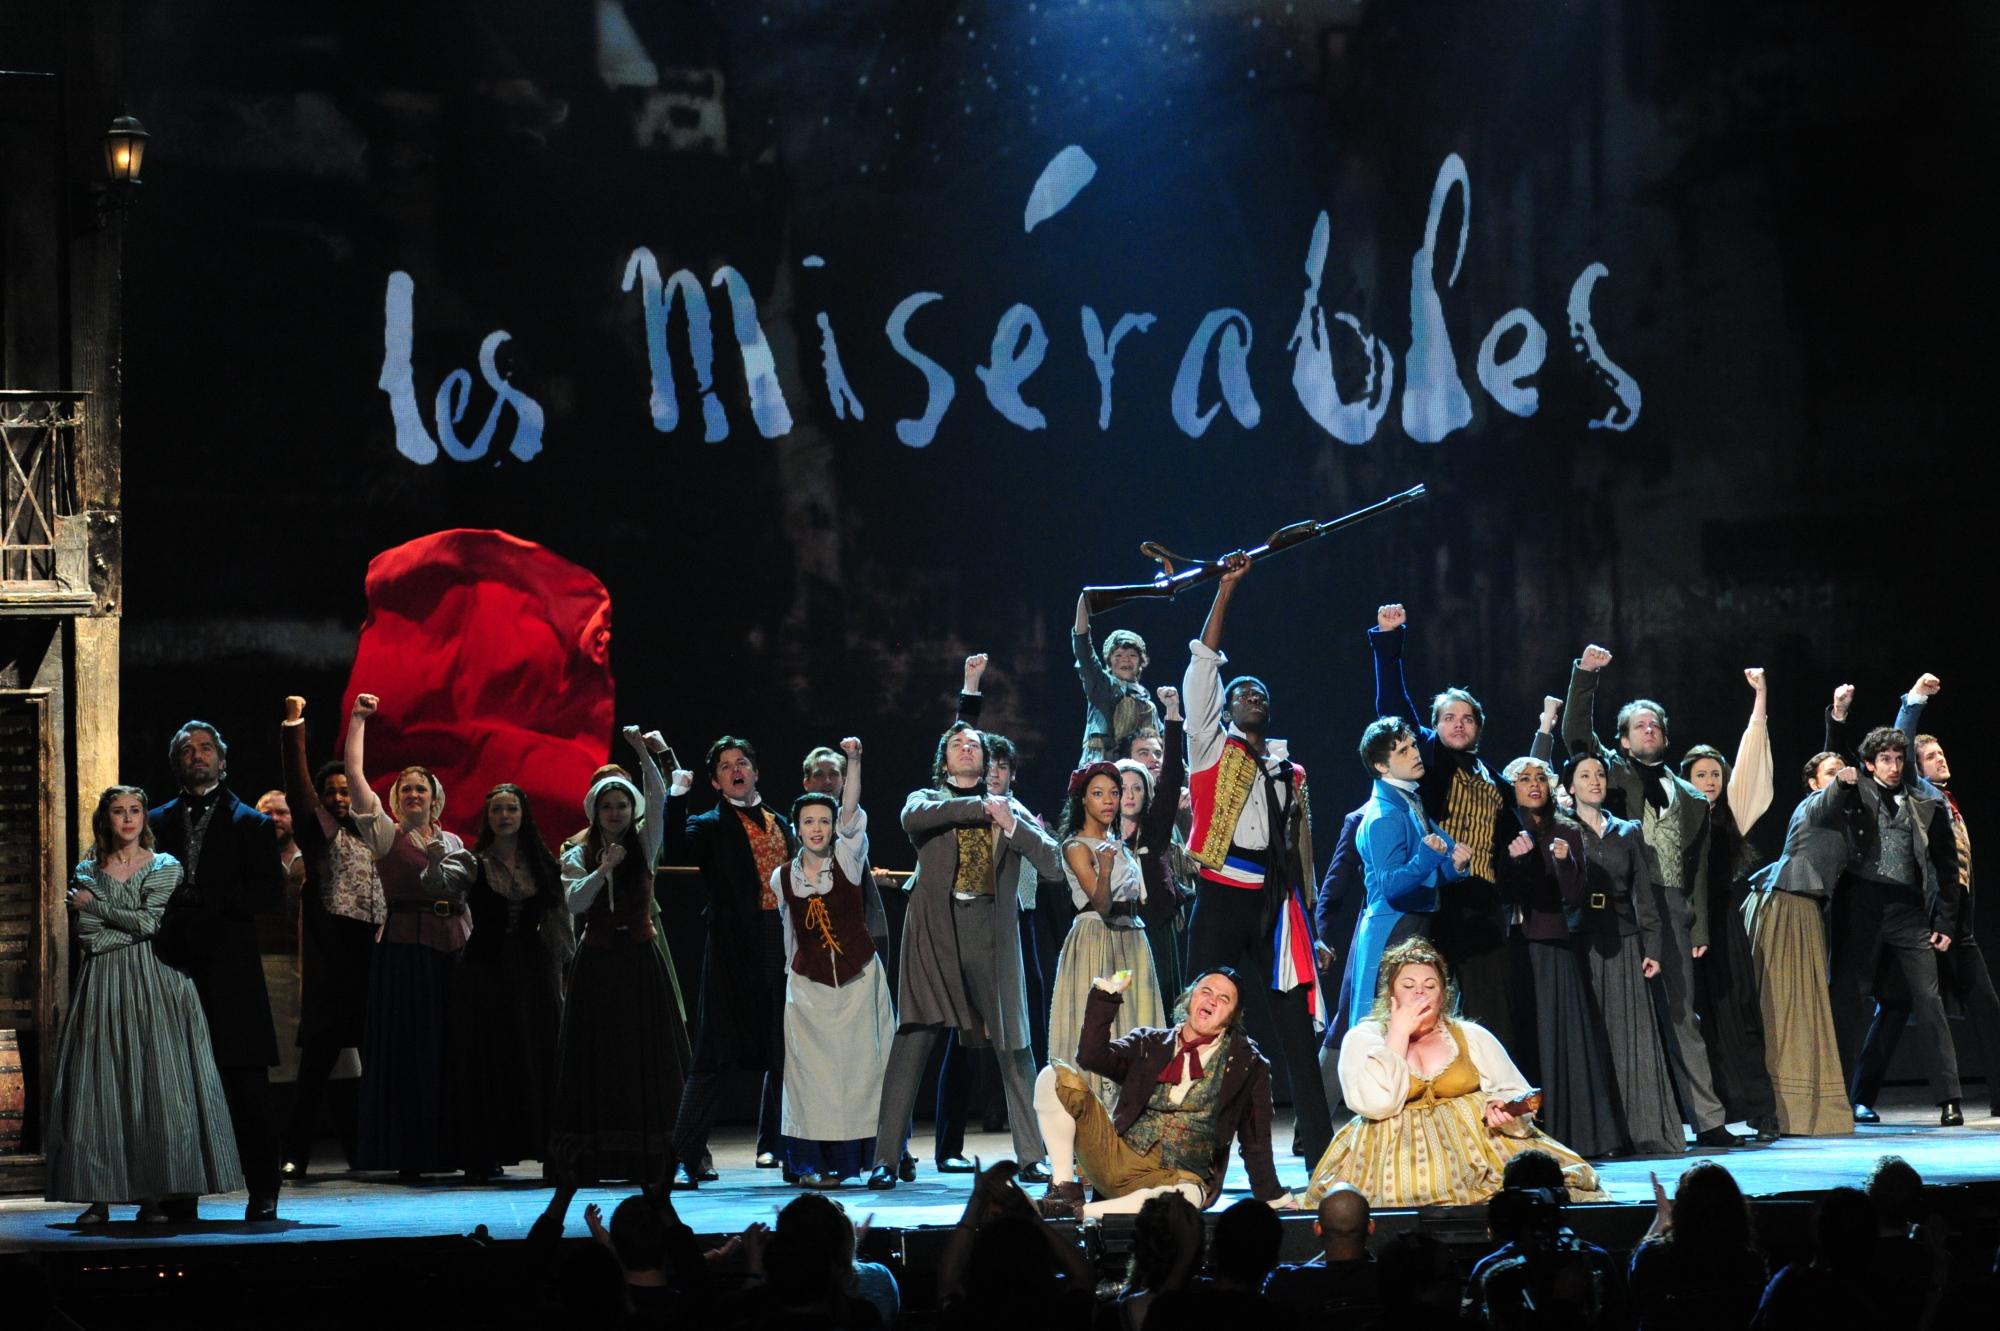 The Cast of Les Miserables - 2014 Tony Awards - CBS.com